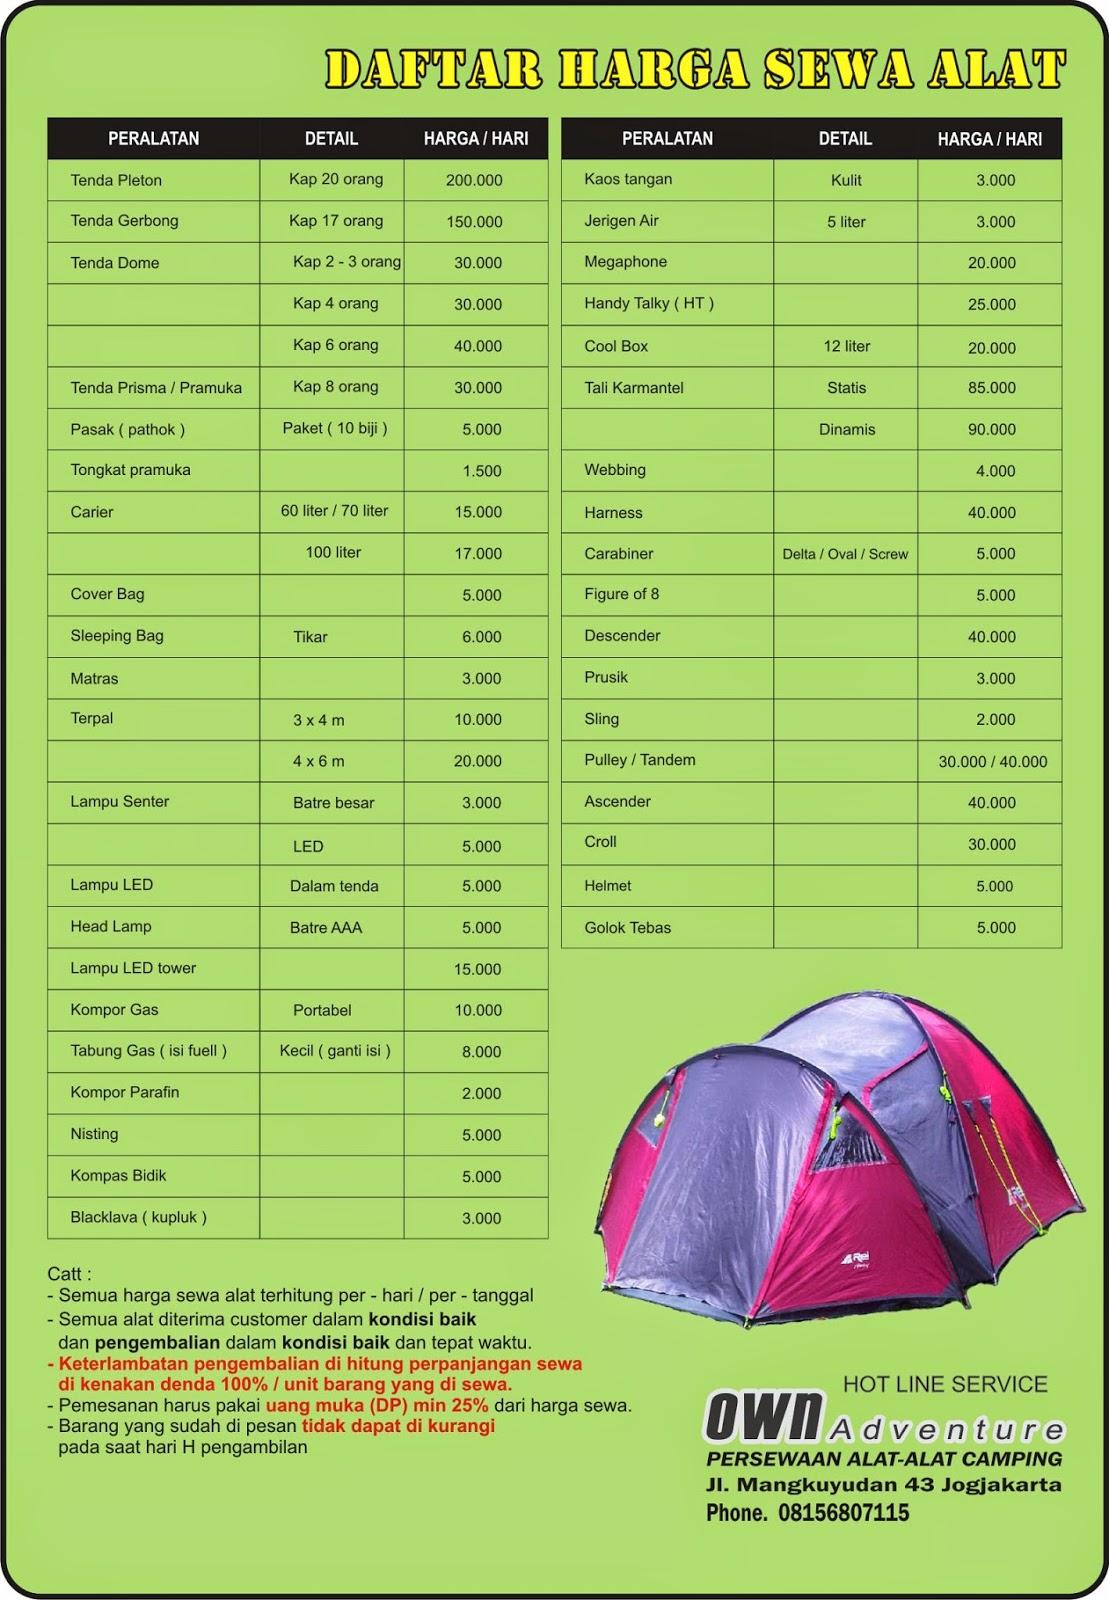 Harga Sewa Tenda Dan Peralatan Outdoor Own Adventure Mangkuyudan Yogyakarta